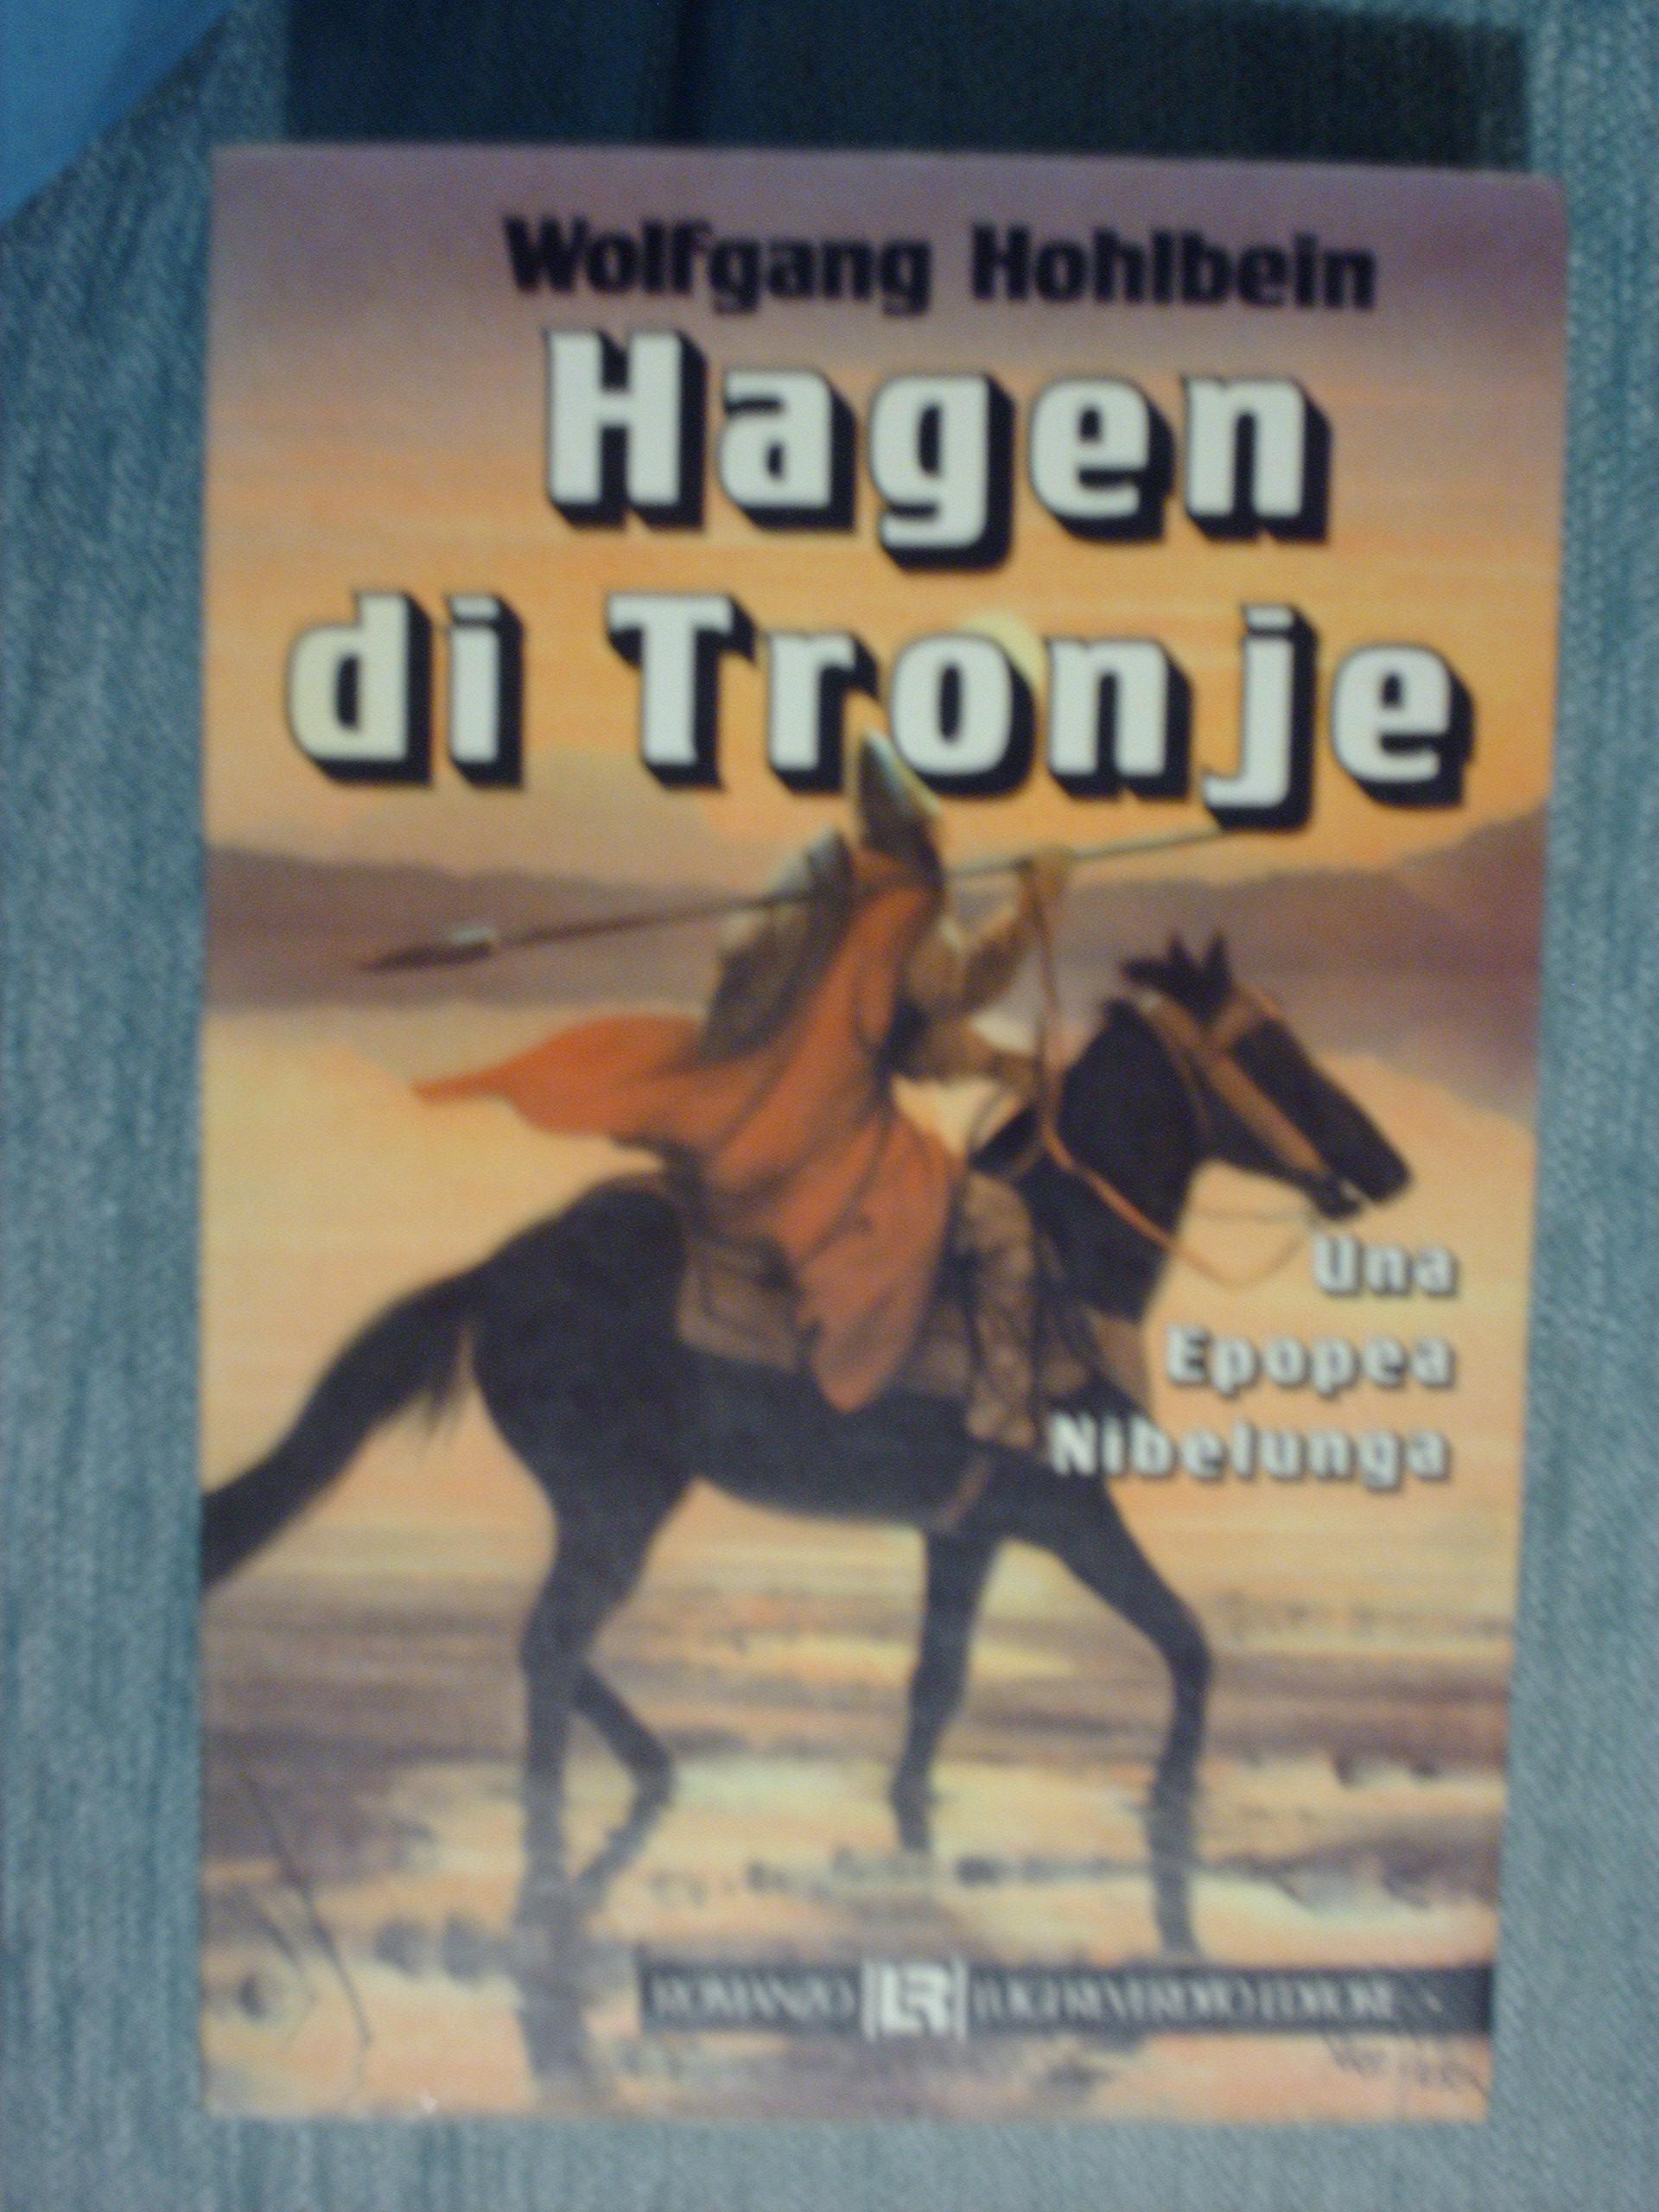 Hagen di Tronje